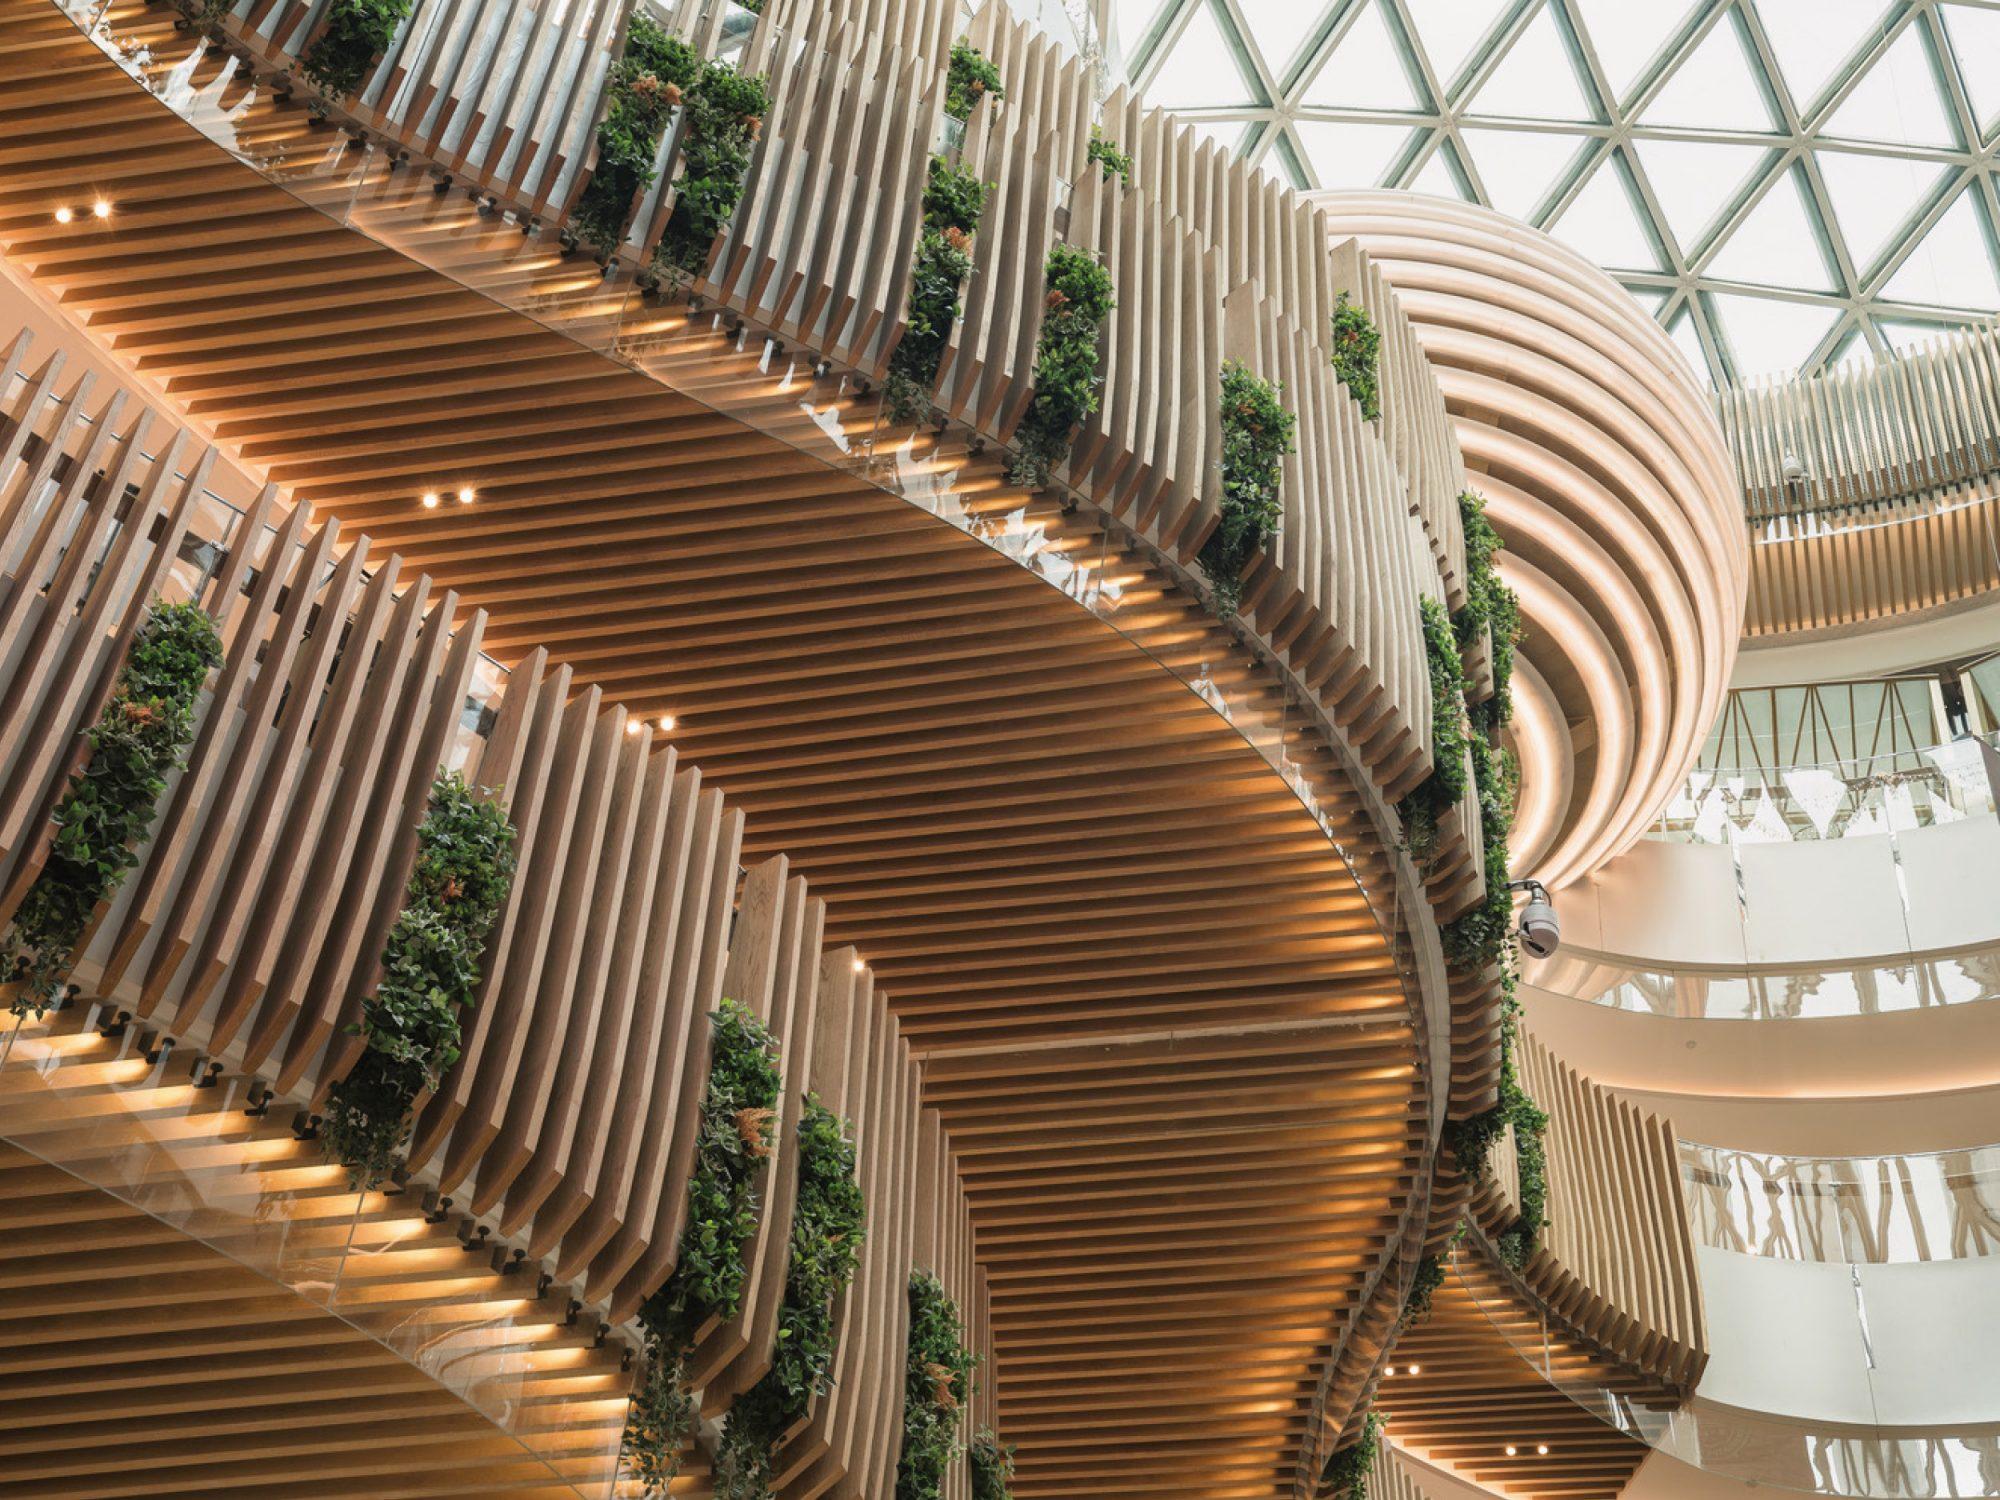 Tianjin Luneng CC Plaza Shopping Mall, Tianjin, China   Our work